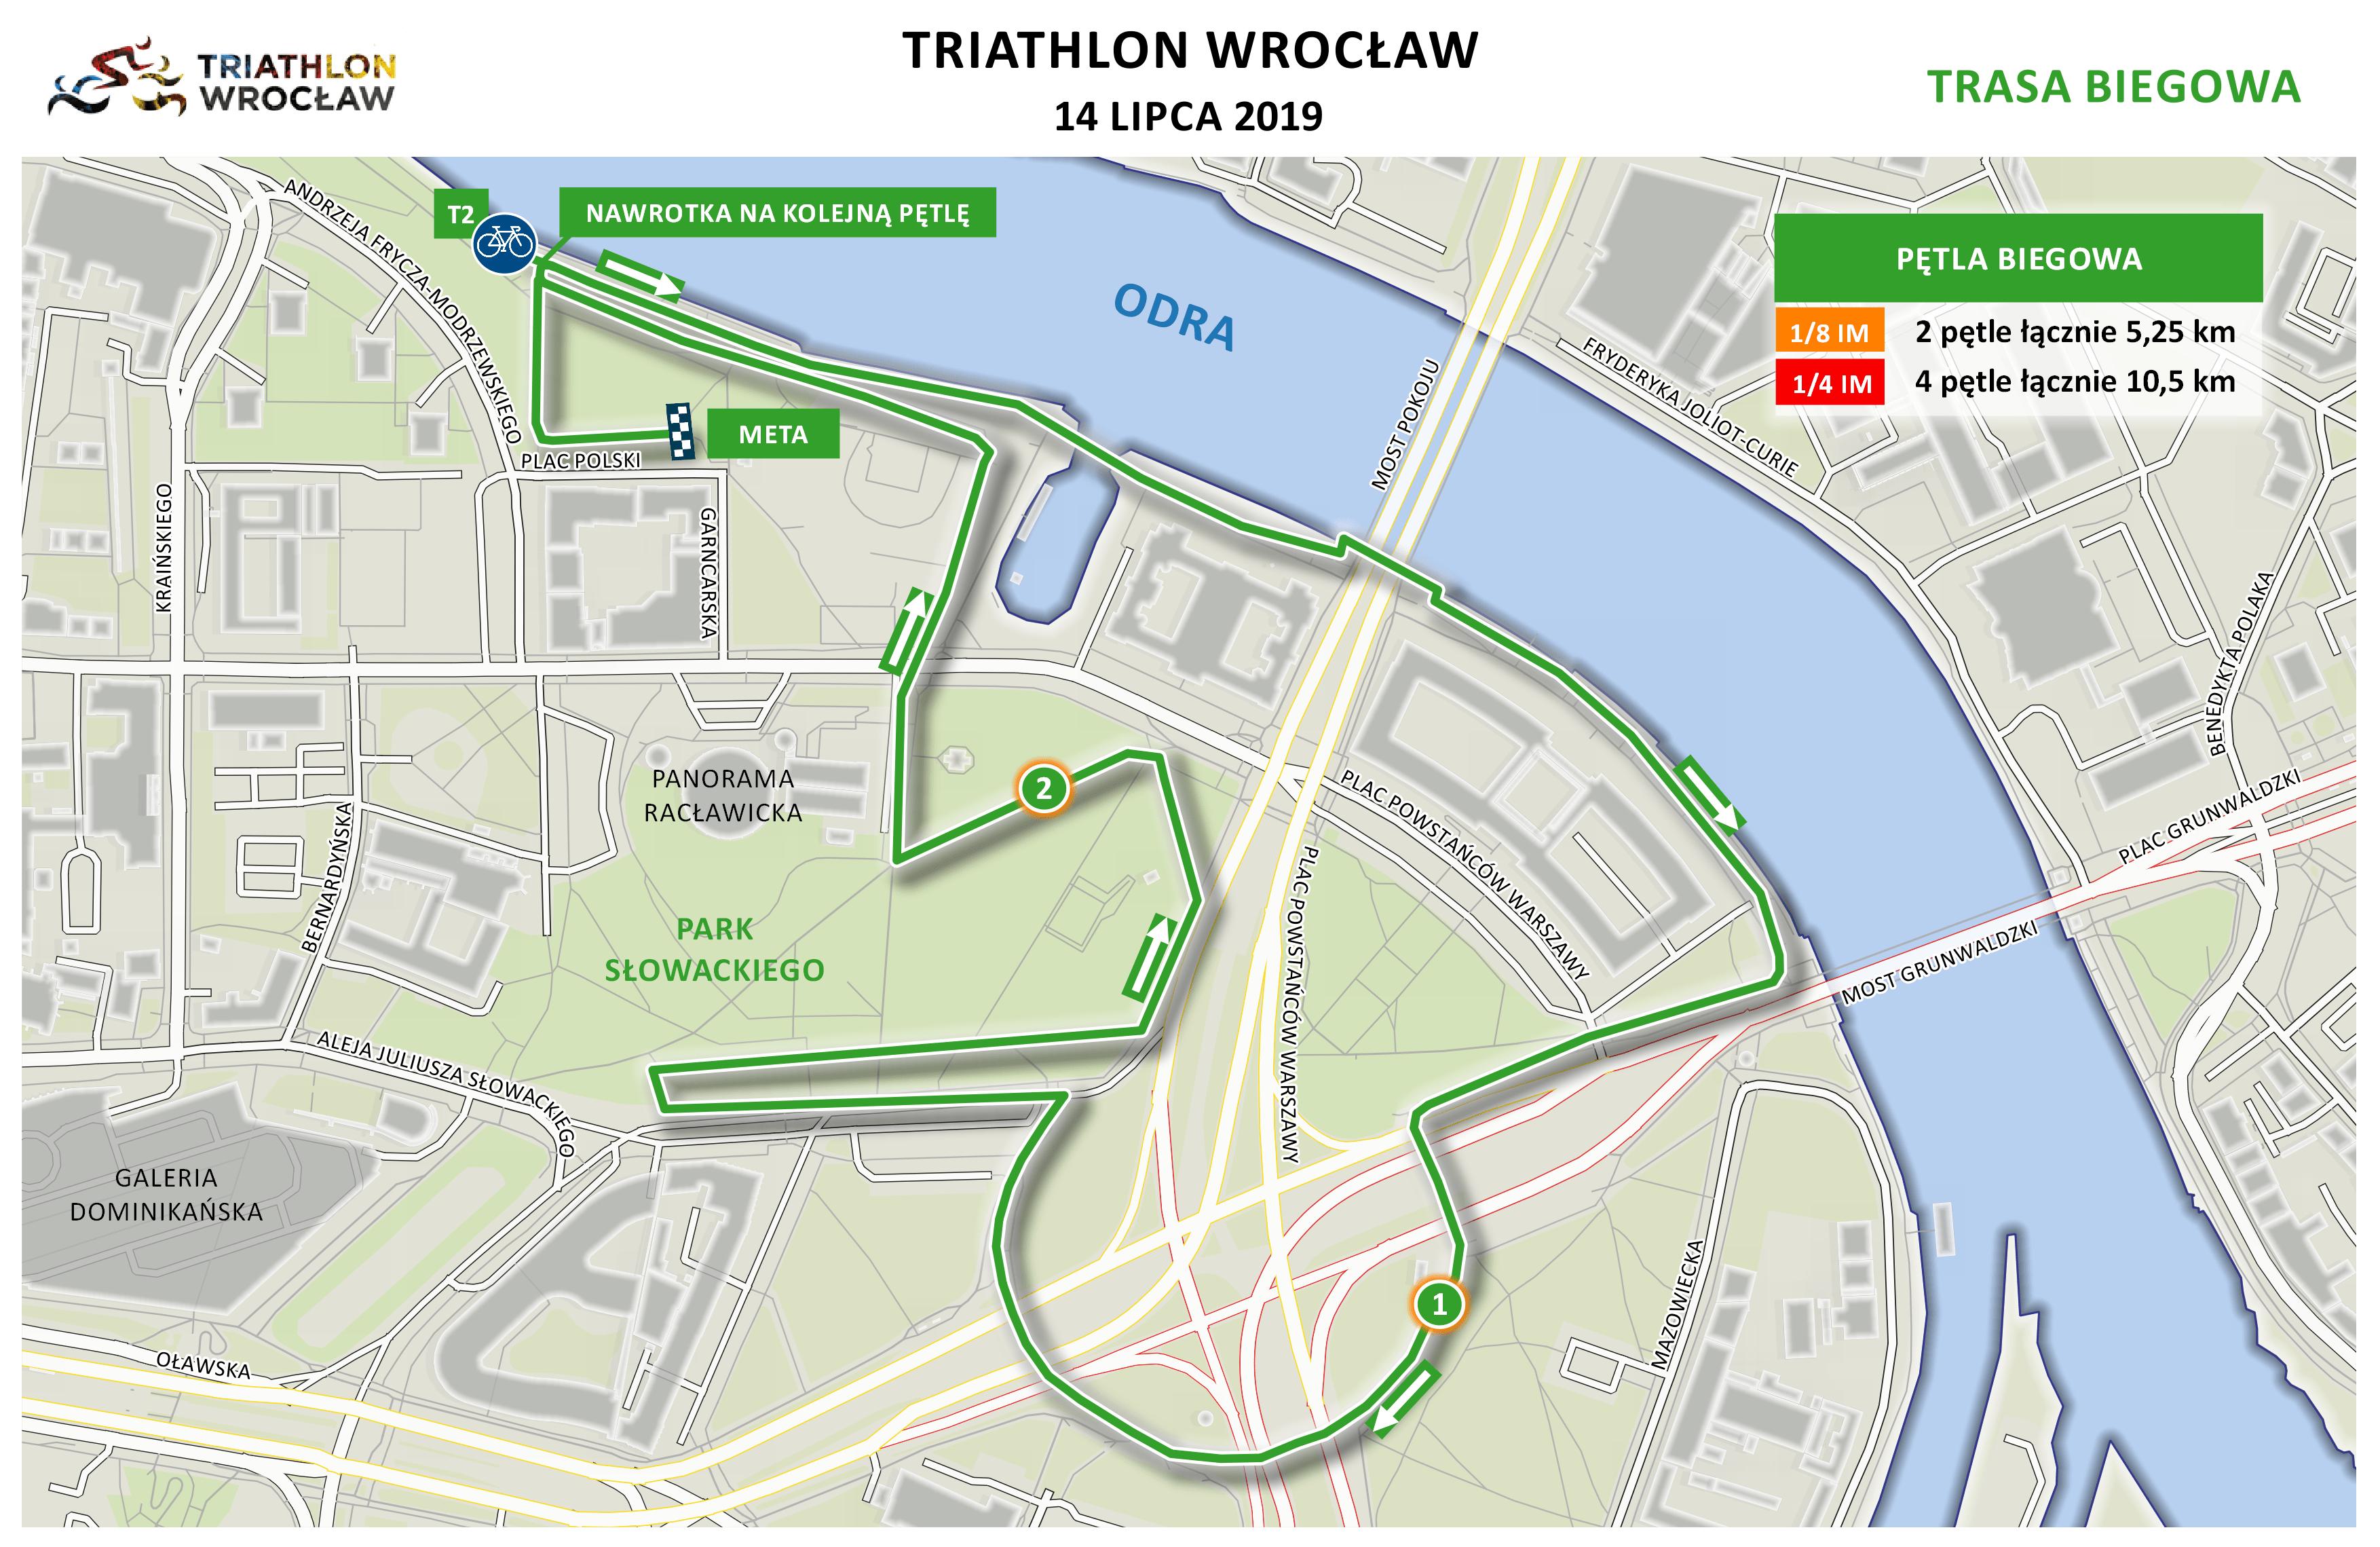 Mapa statyczna Triathlon Wrocław 2019 - bieg